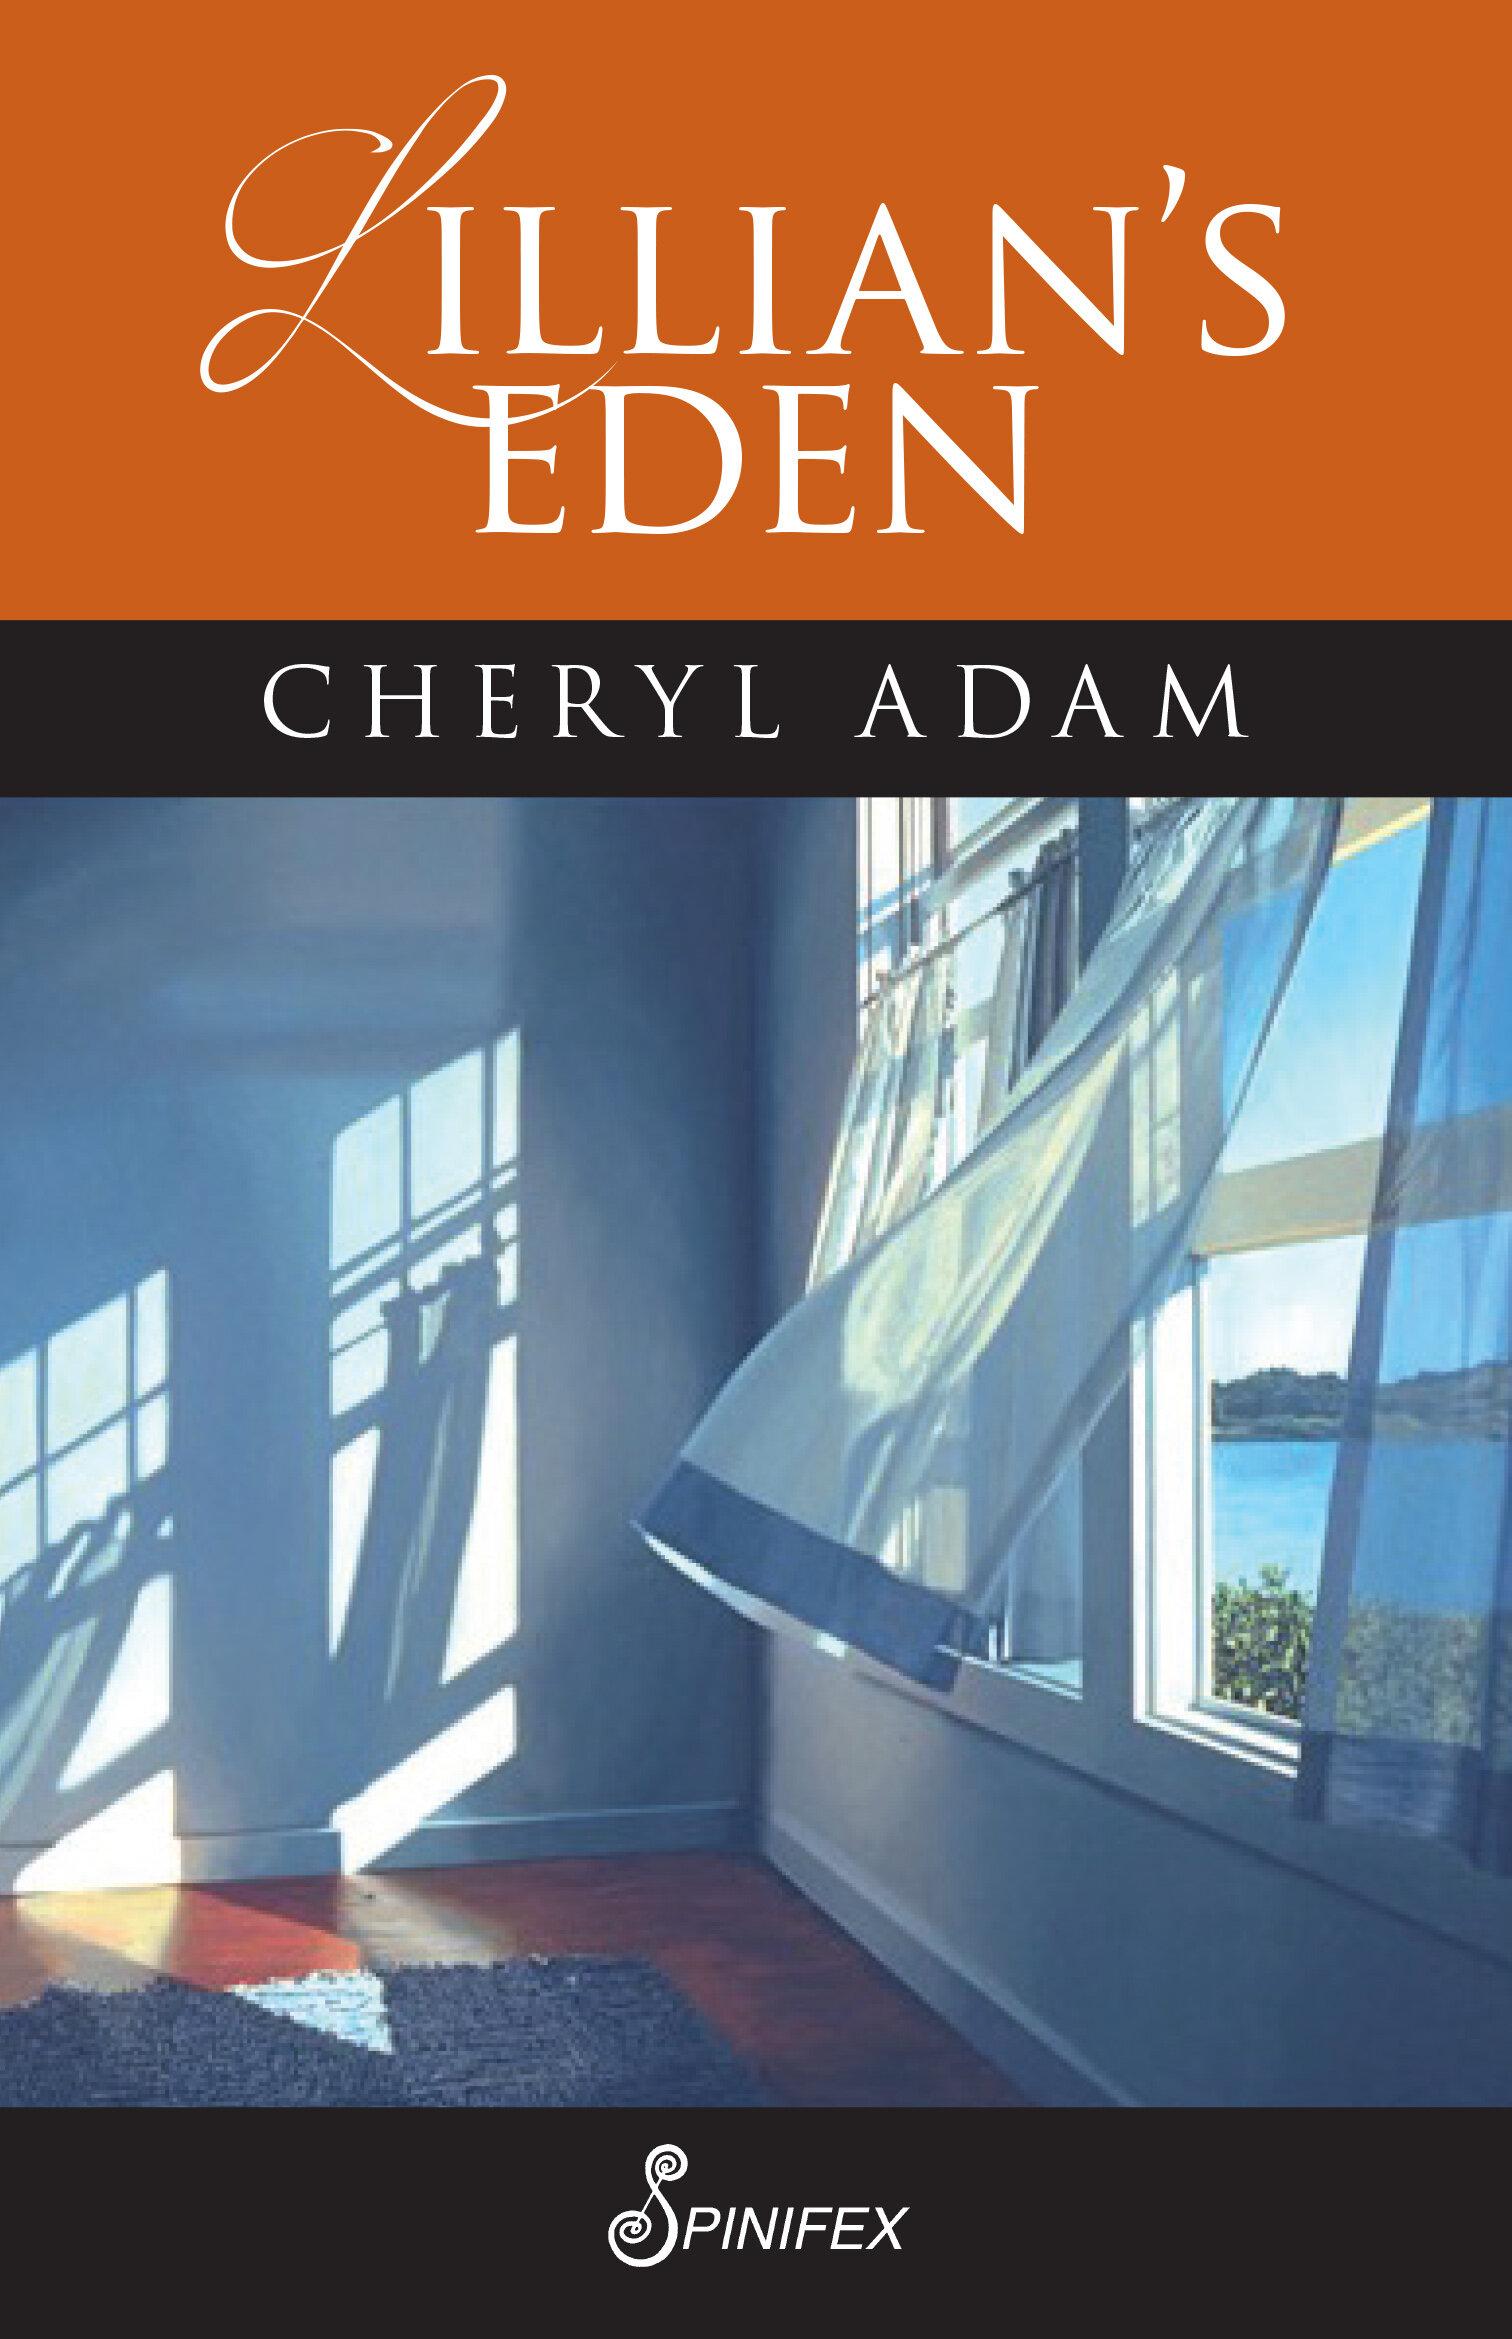 Lillian's Eden